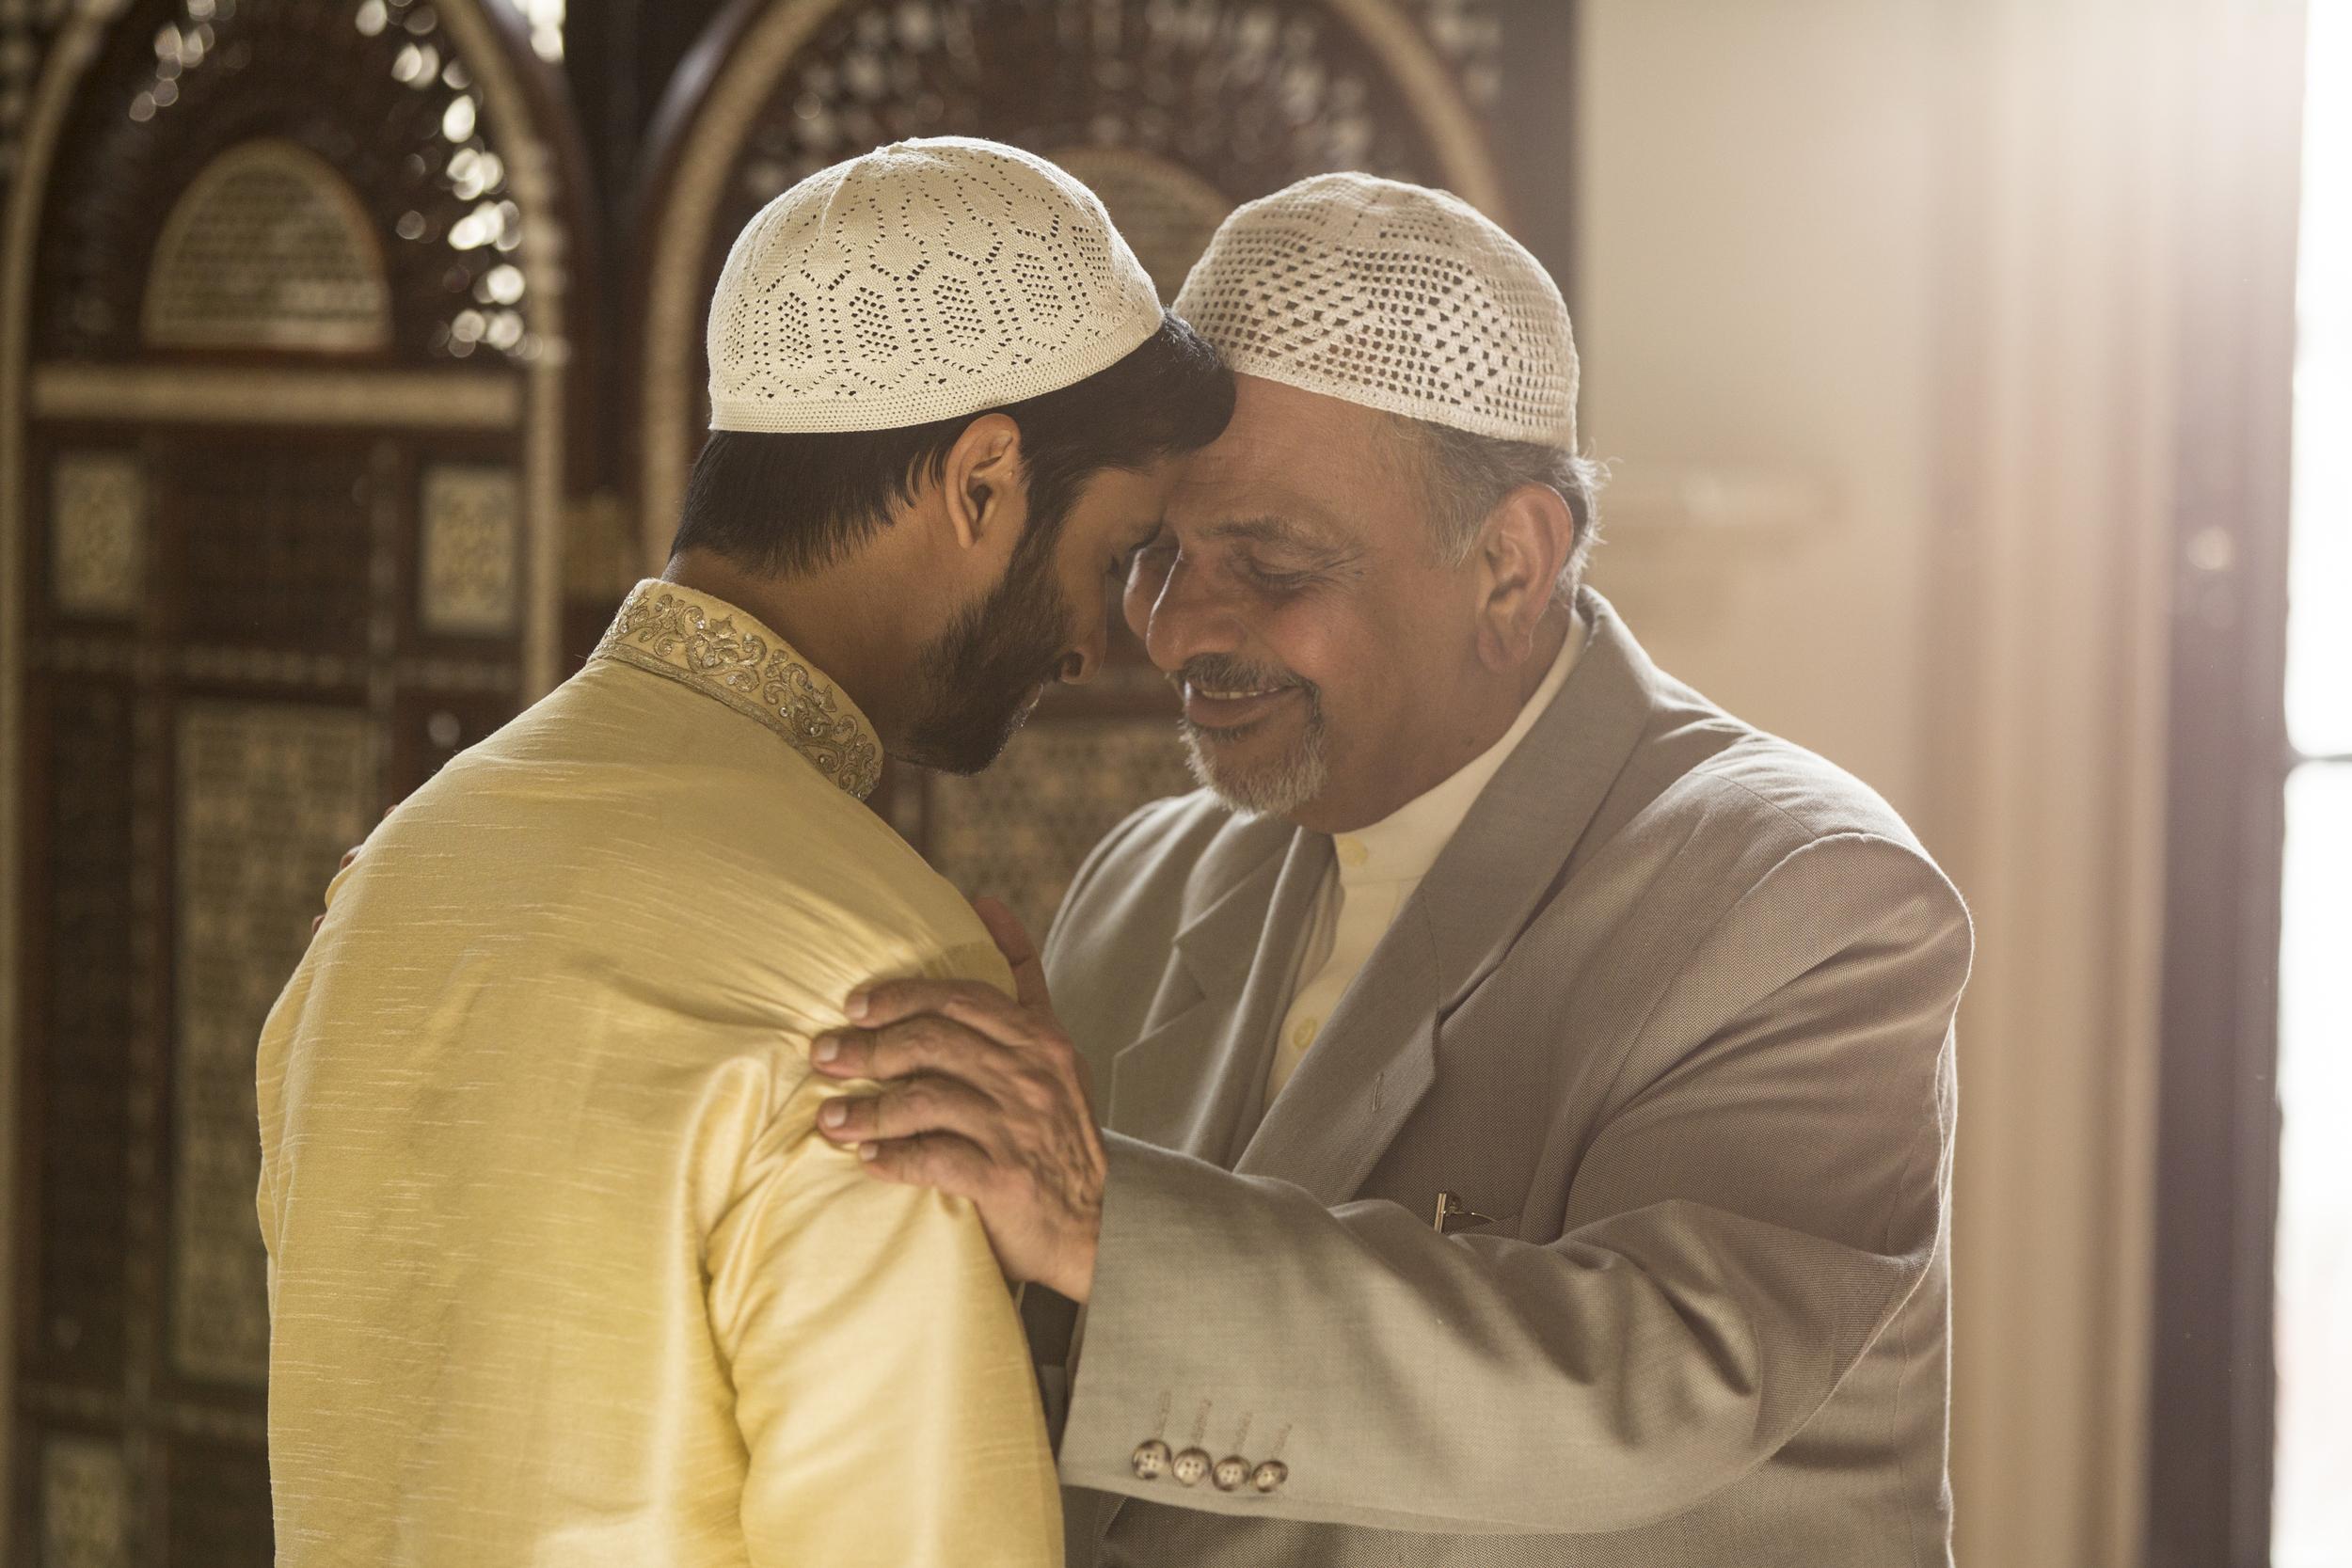 MY JIHAD BBC3 Director: AL MACKAY